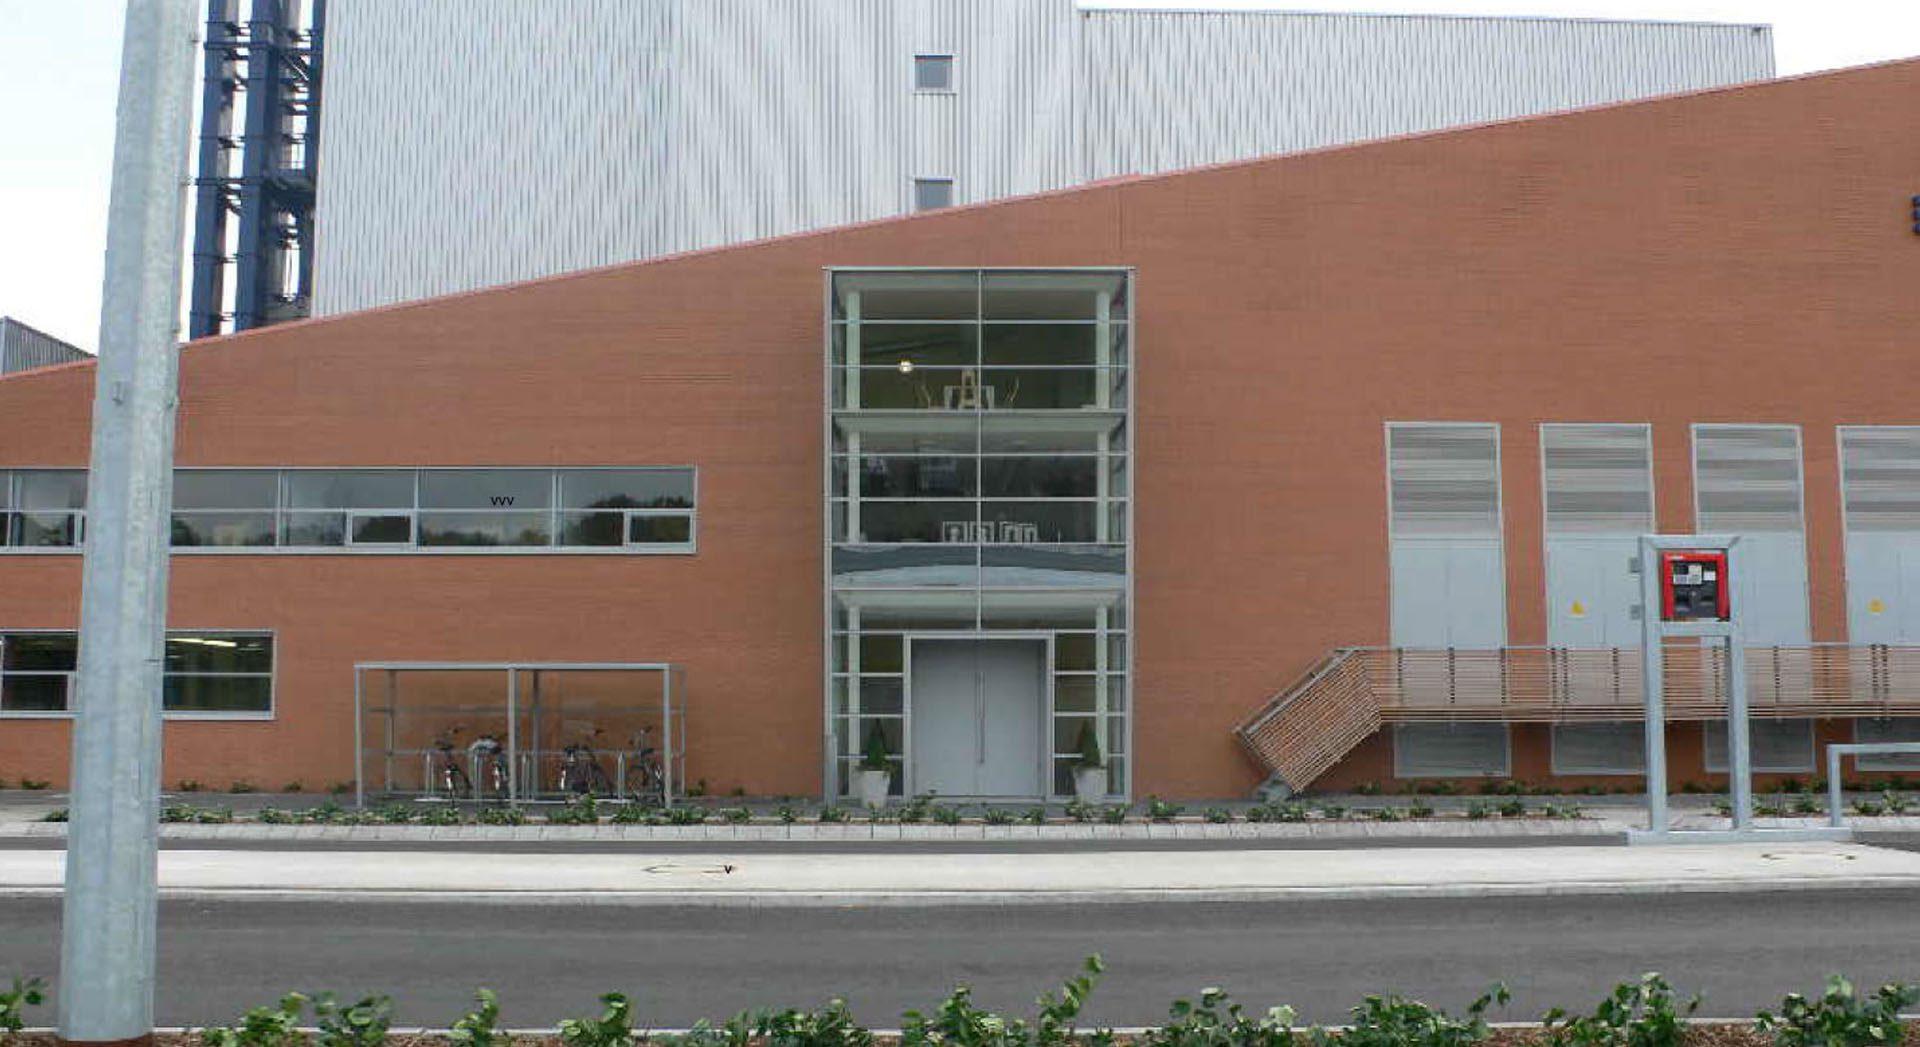 Industriearchitektur; Gewerbearchitektur; Kraftwerk; Emlichheim; Kraftwerk; Ziegelarchitektur; Klinkerarchitektur; Ziegel; Klinker; EBE Holheizkraftwerk;